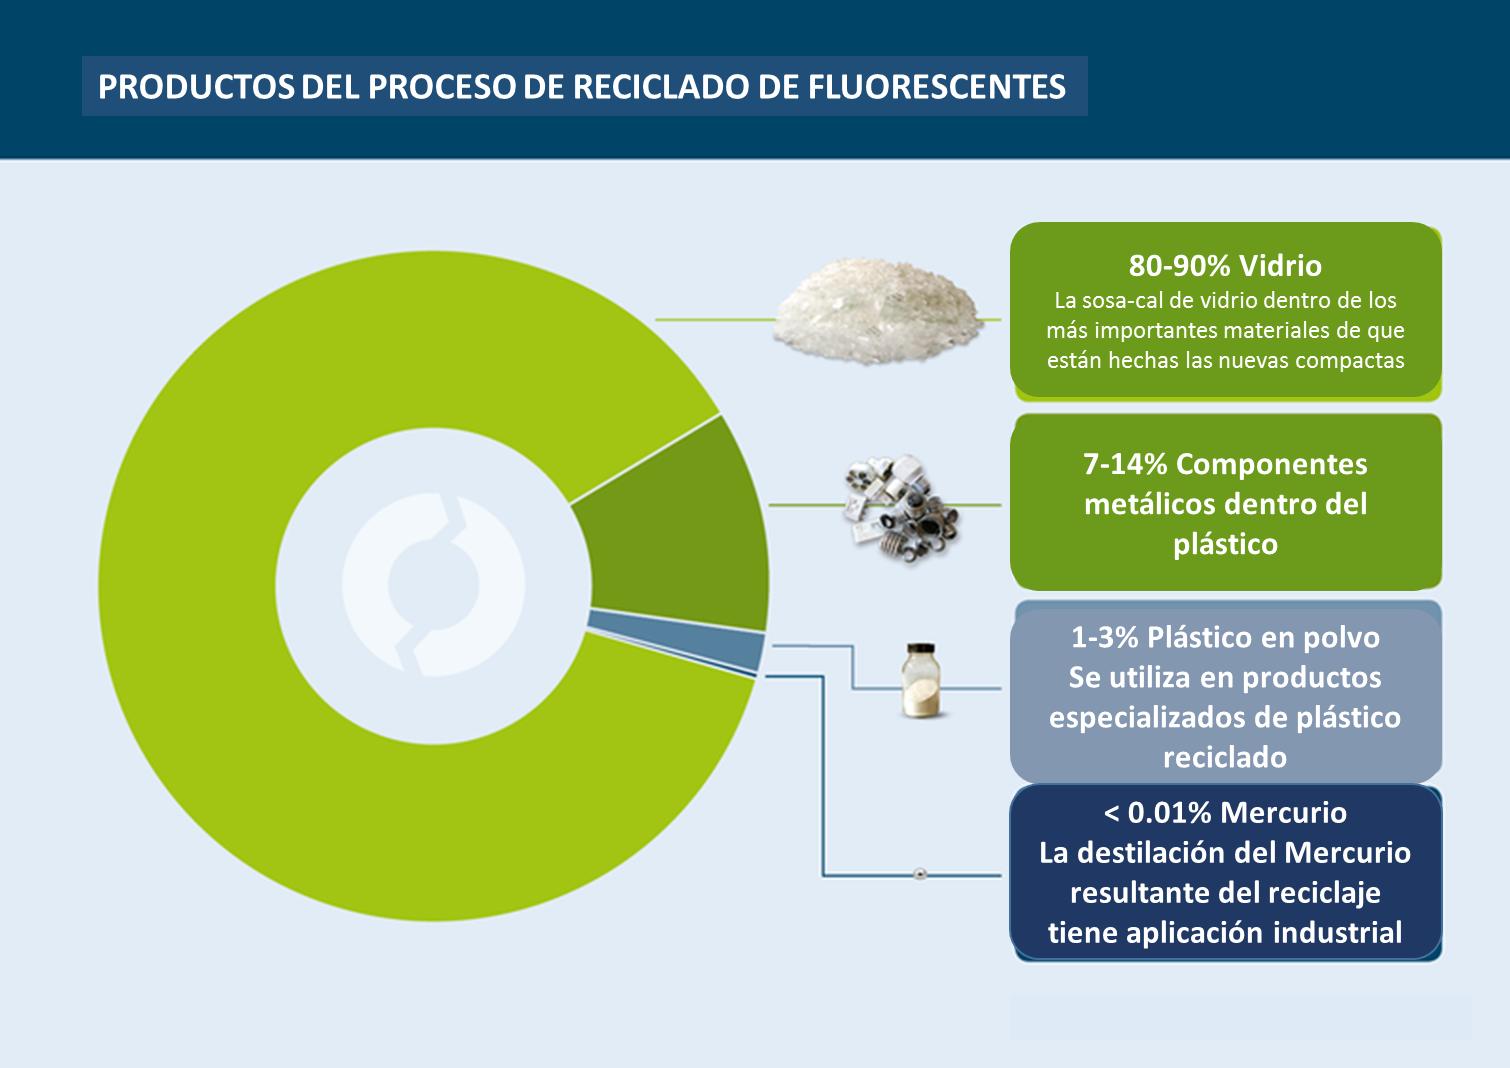 proceso_reciclado_fluorecentes